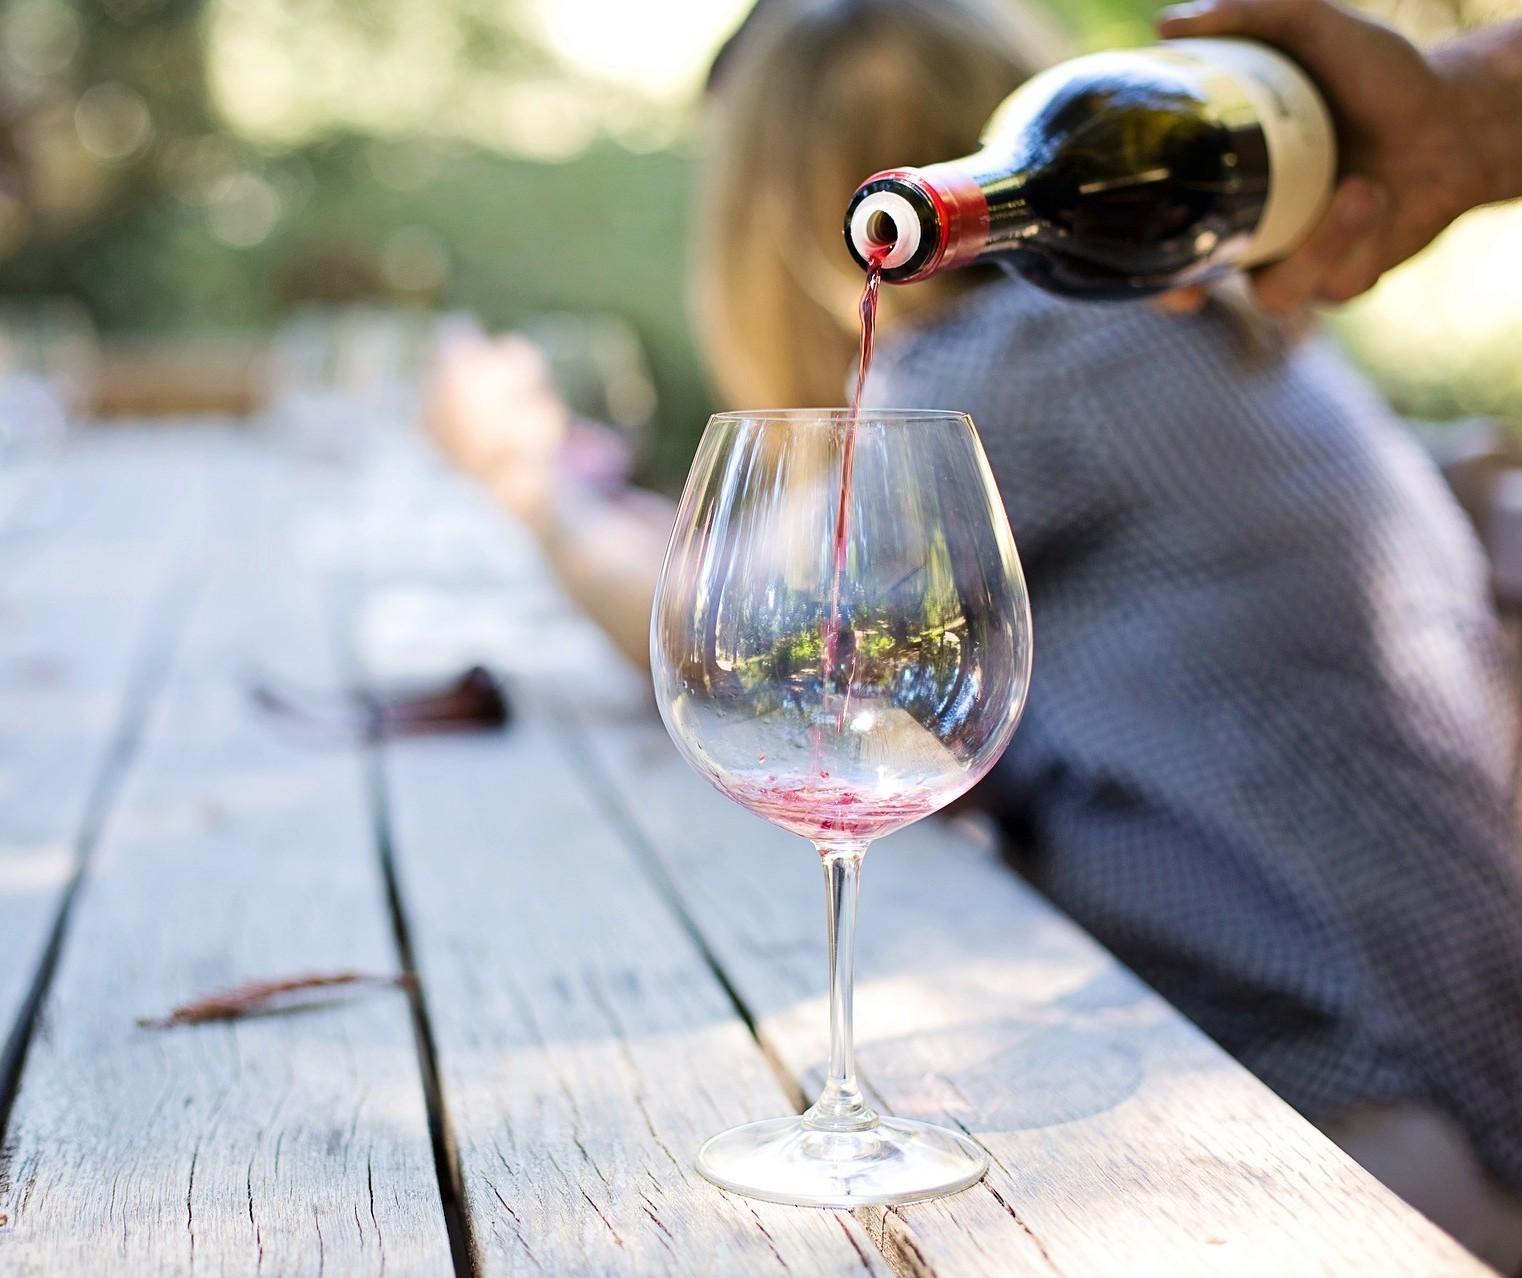 Para se conhecer bem um vinho tem que haver preparo